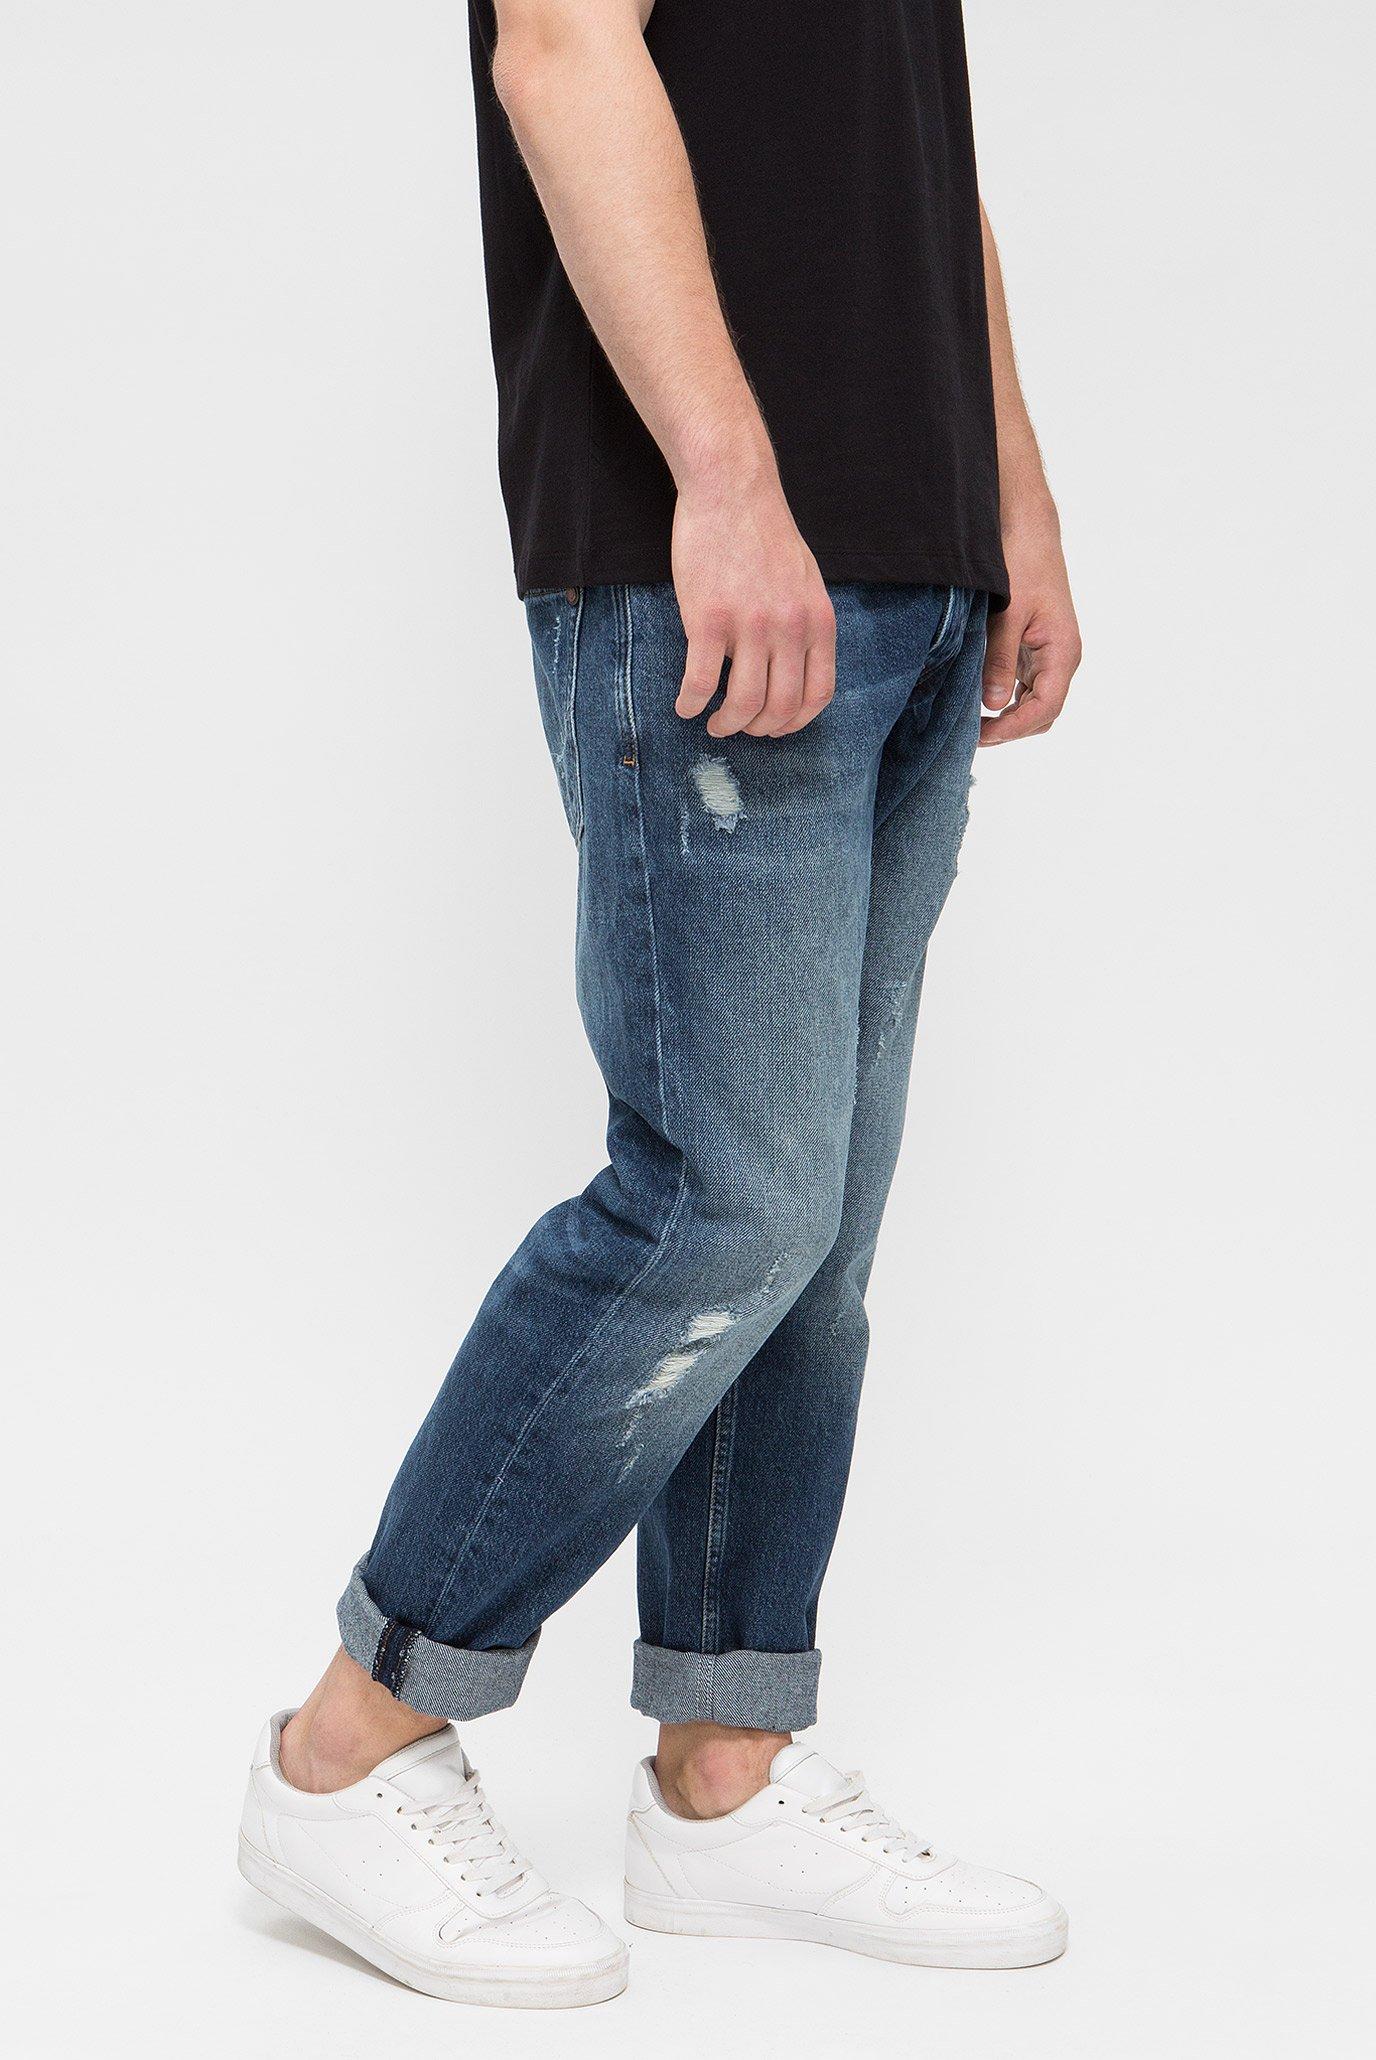 Купить Мужские синие джинсы MALTON Pepe Jeans Pepe Jeans PM202375CI12 – Киев, Украина. Цены в интернет магазине MD Fashion